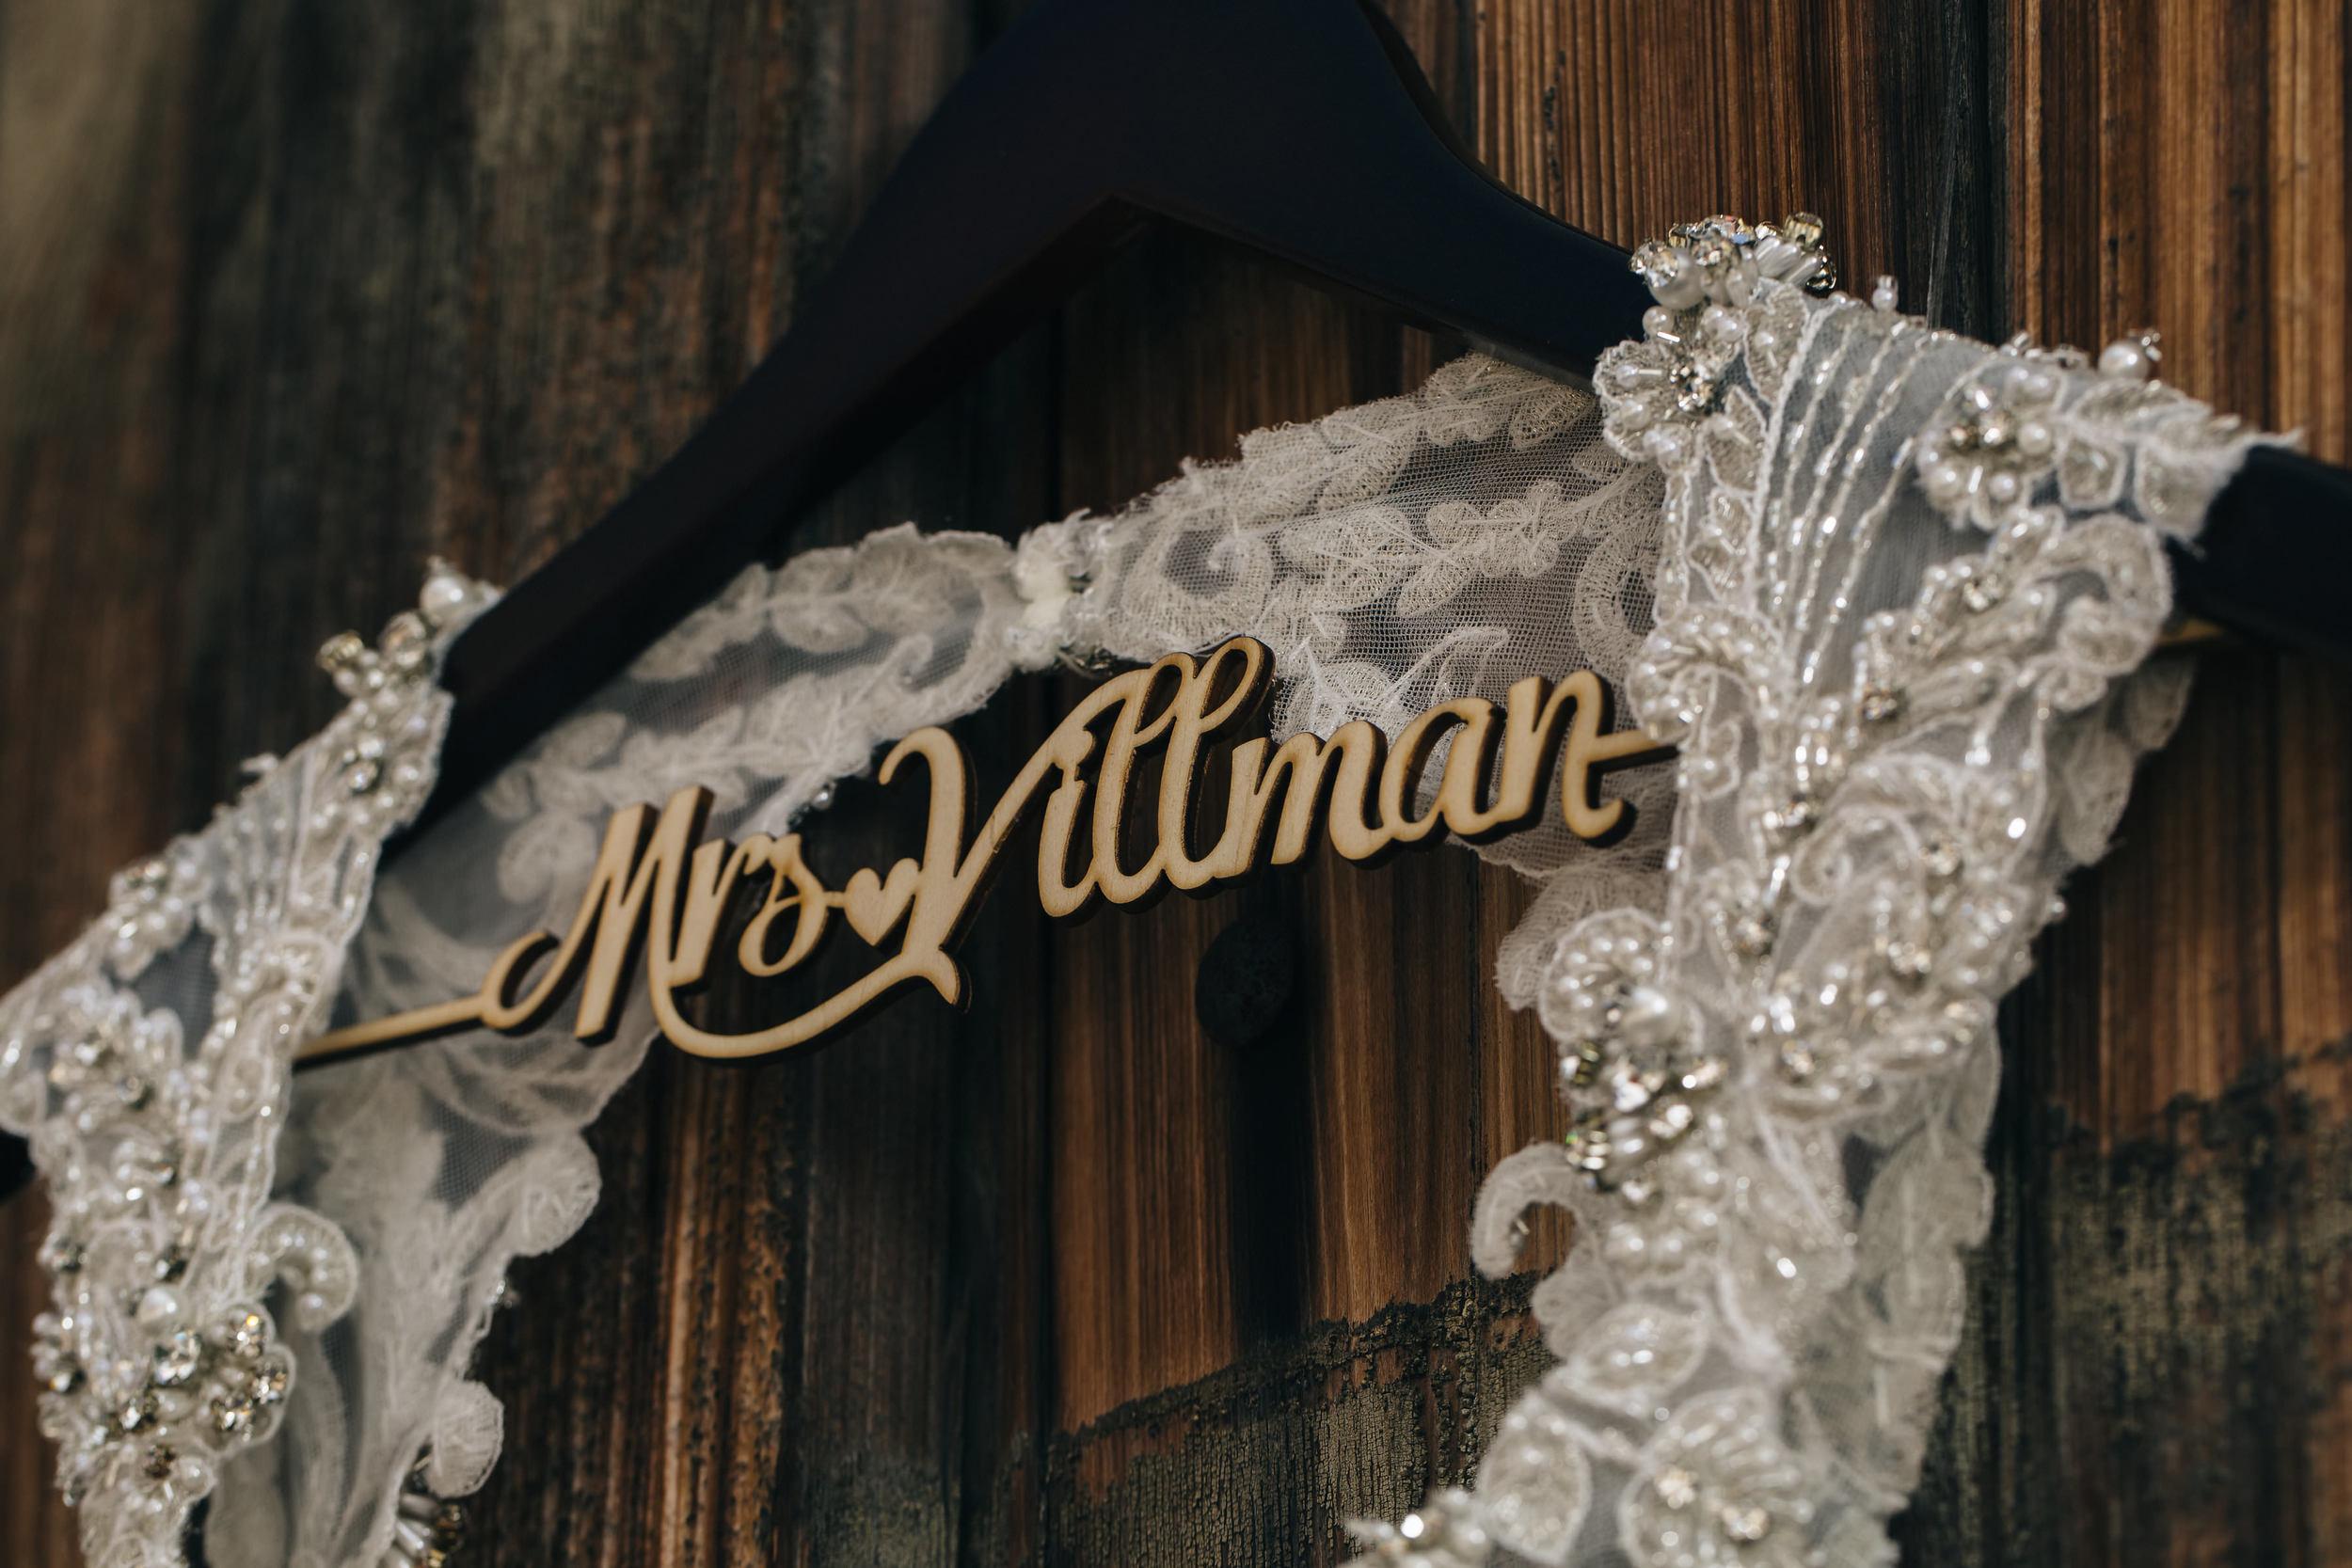 Custom bridal gown hanger from Etsy.